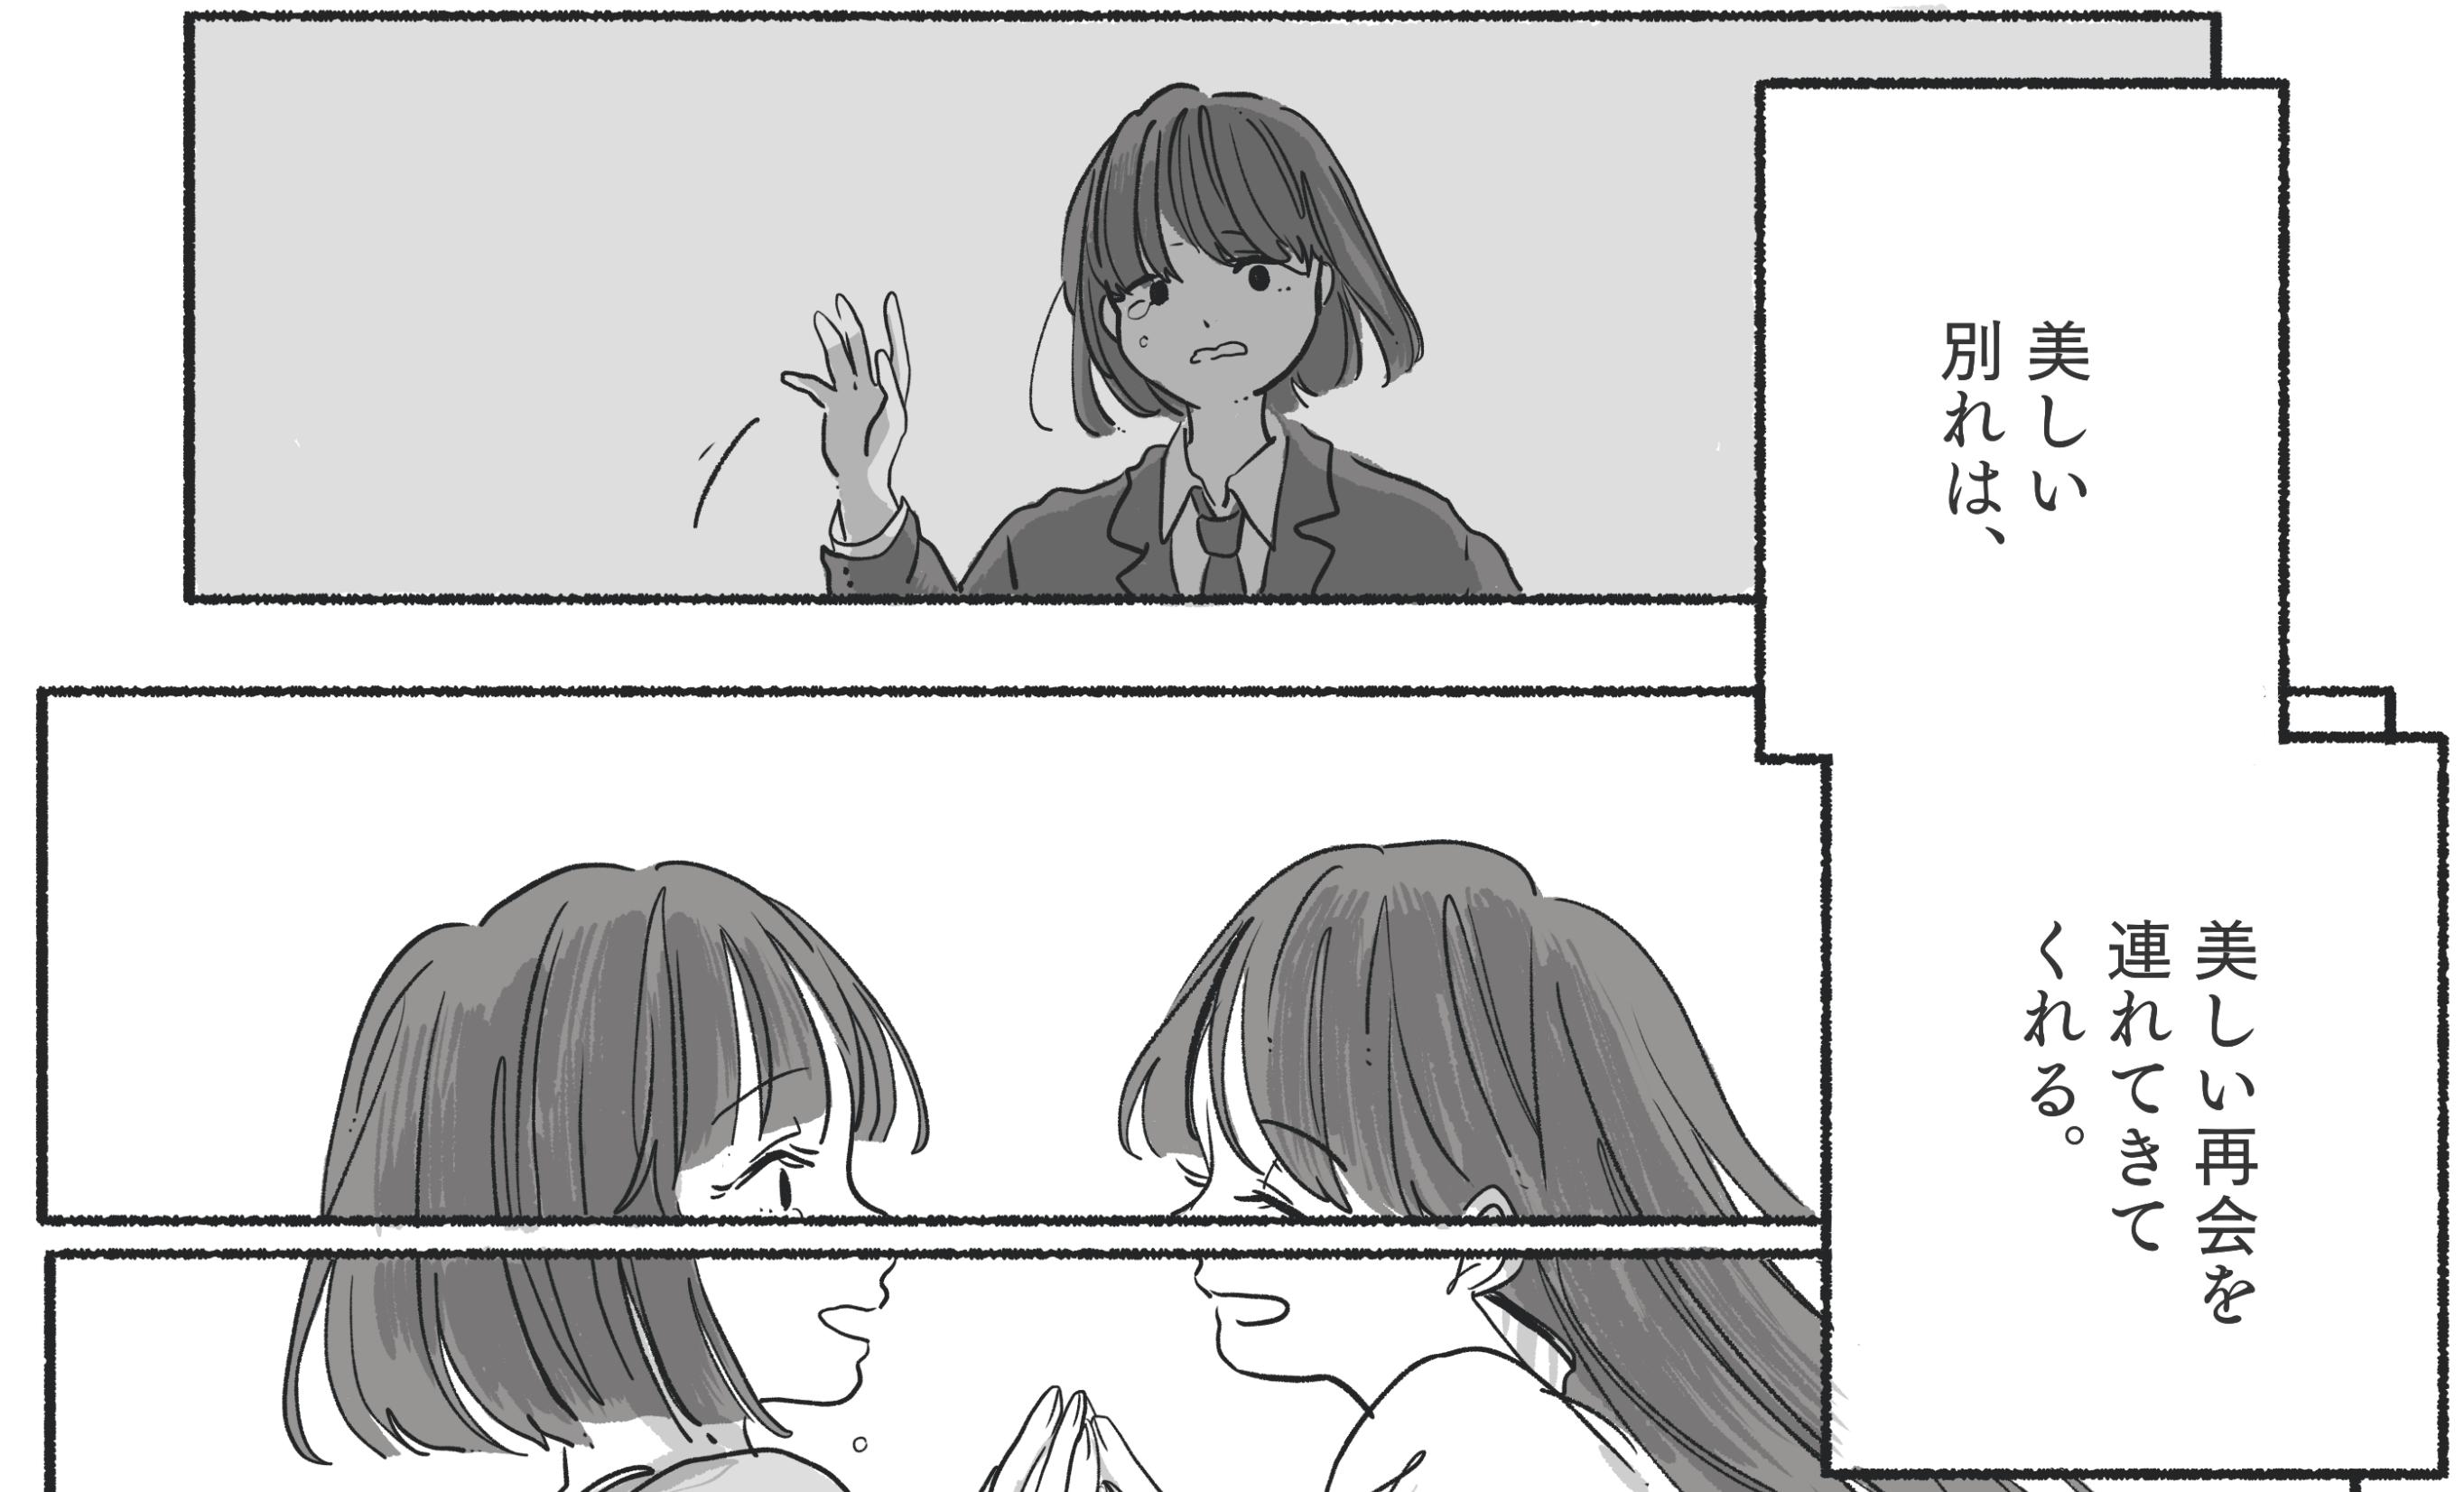 【漫画】モヤモヤ女子の心の整理~ココロノート~ 第4話:『卒業』/いい女.bot、オリタケイ